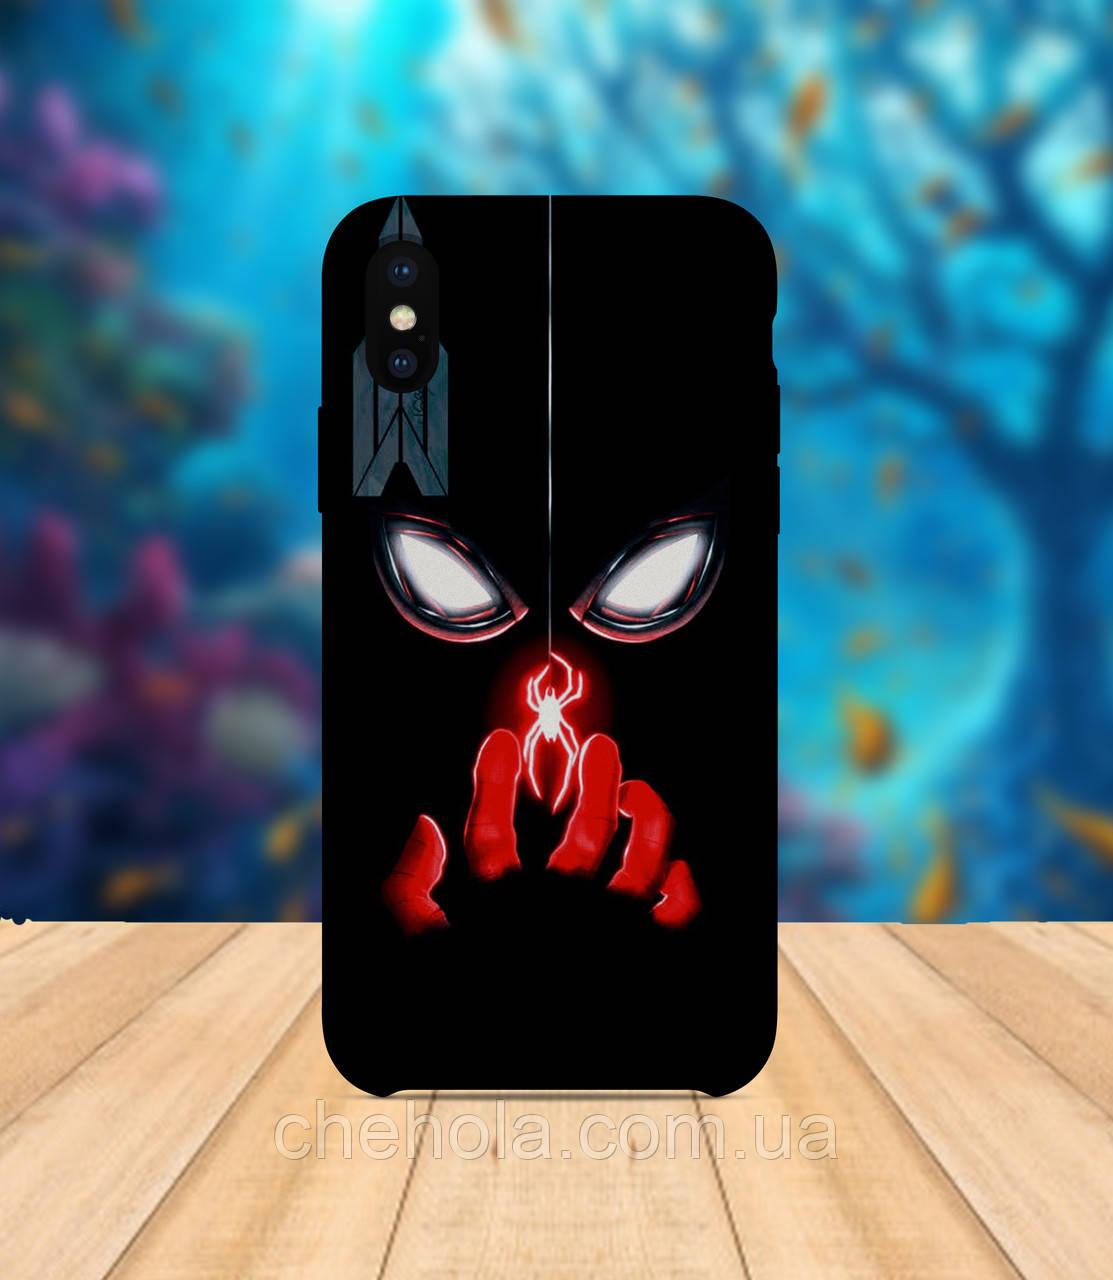 Чехол для apple iphone x XS max Человек паук черный чехол с принтом